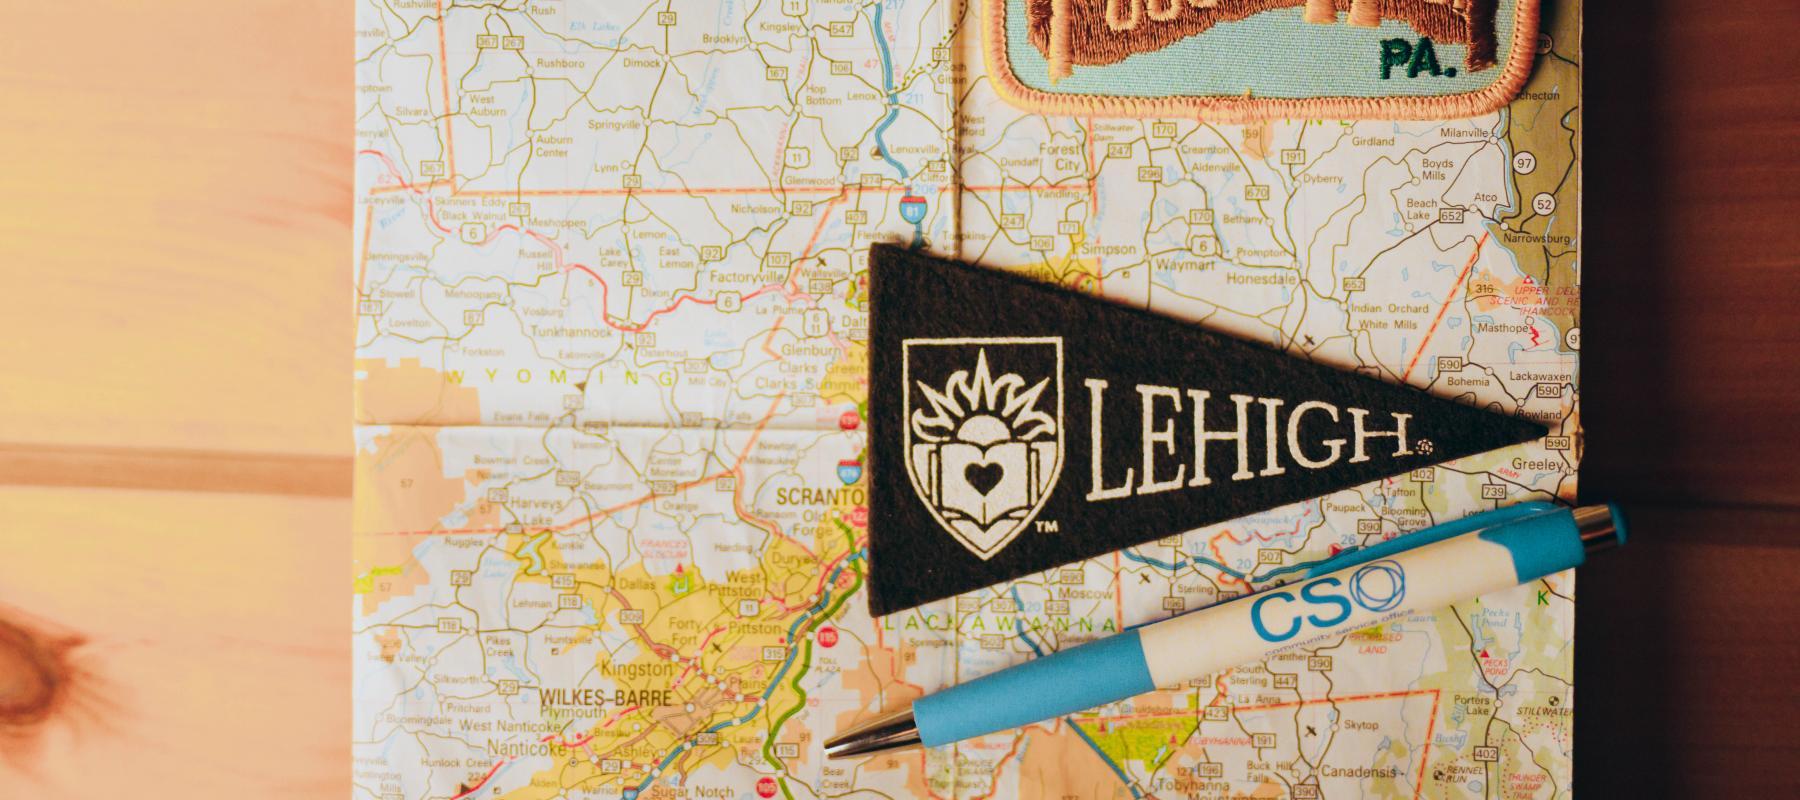 Lehigh pennant on map of Pennsylvania